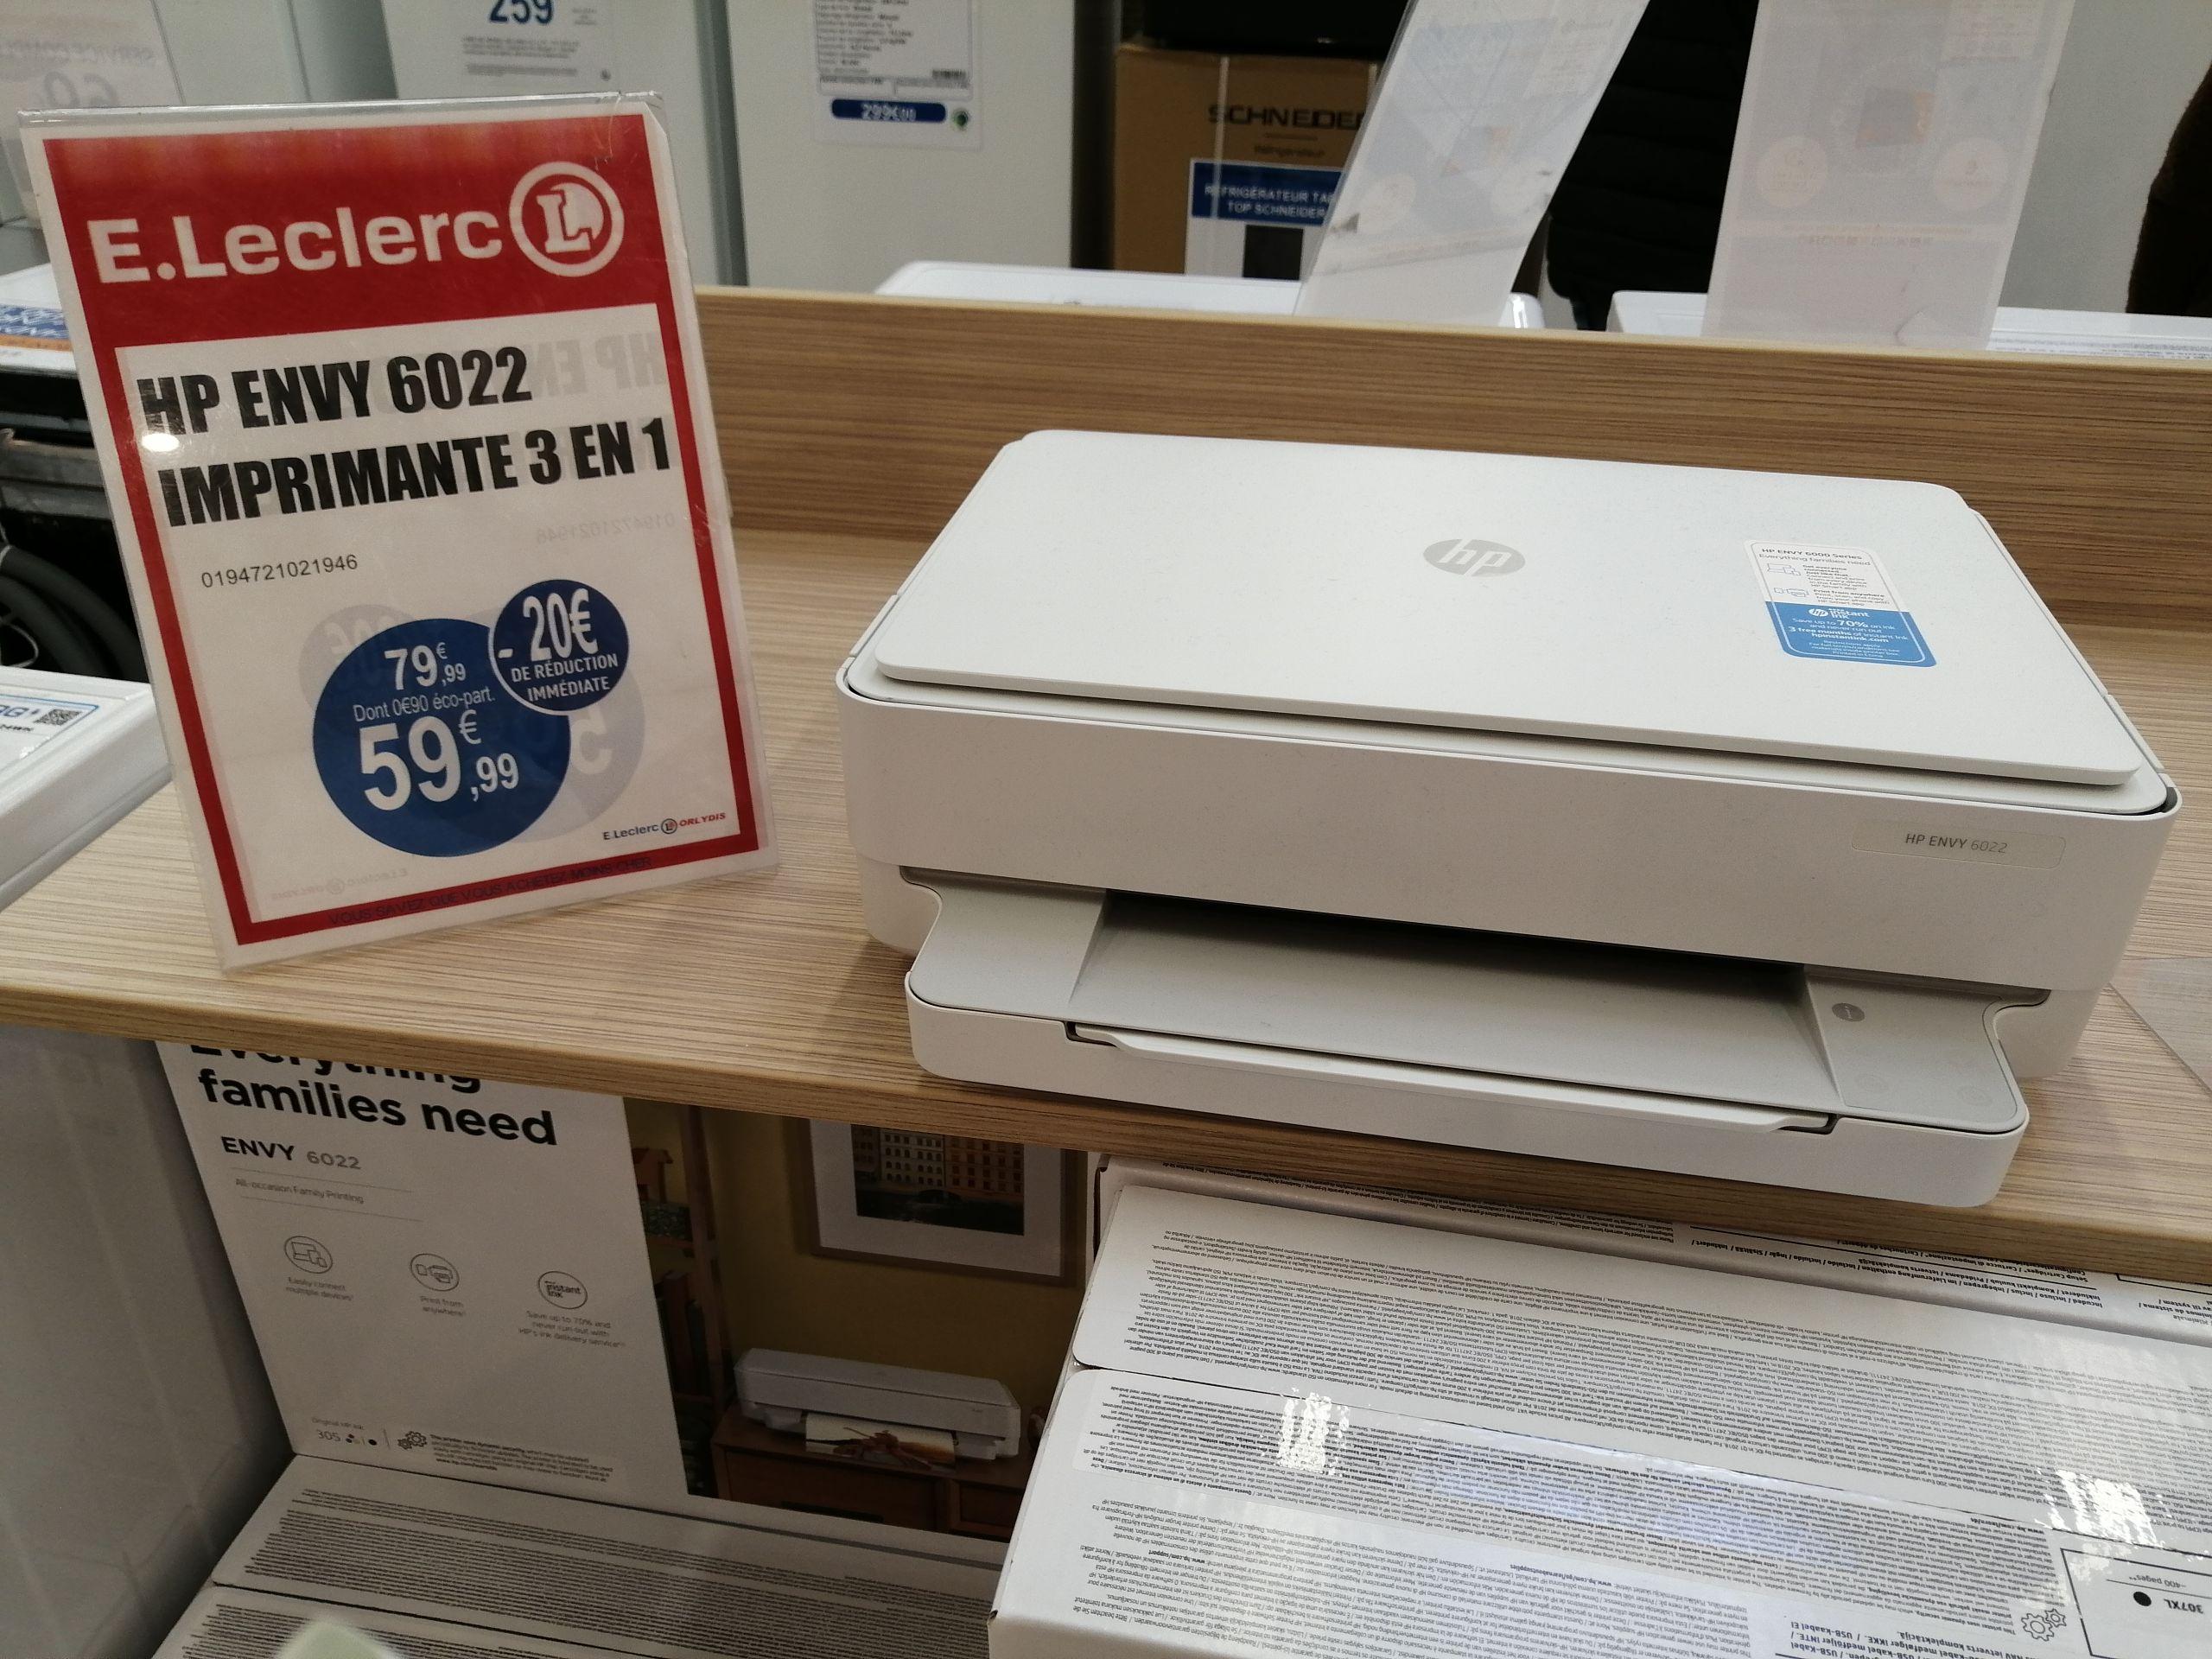 Imprimante multifonction à jet d'encre HP Envy 6022 + 6 mois Instant Ink offerts Leclerc Orly (94)